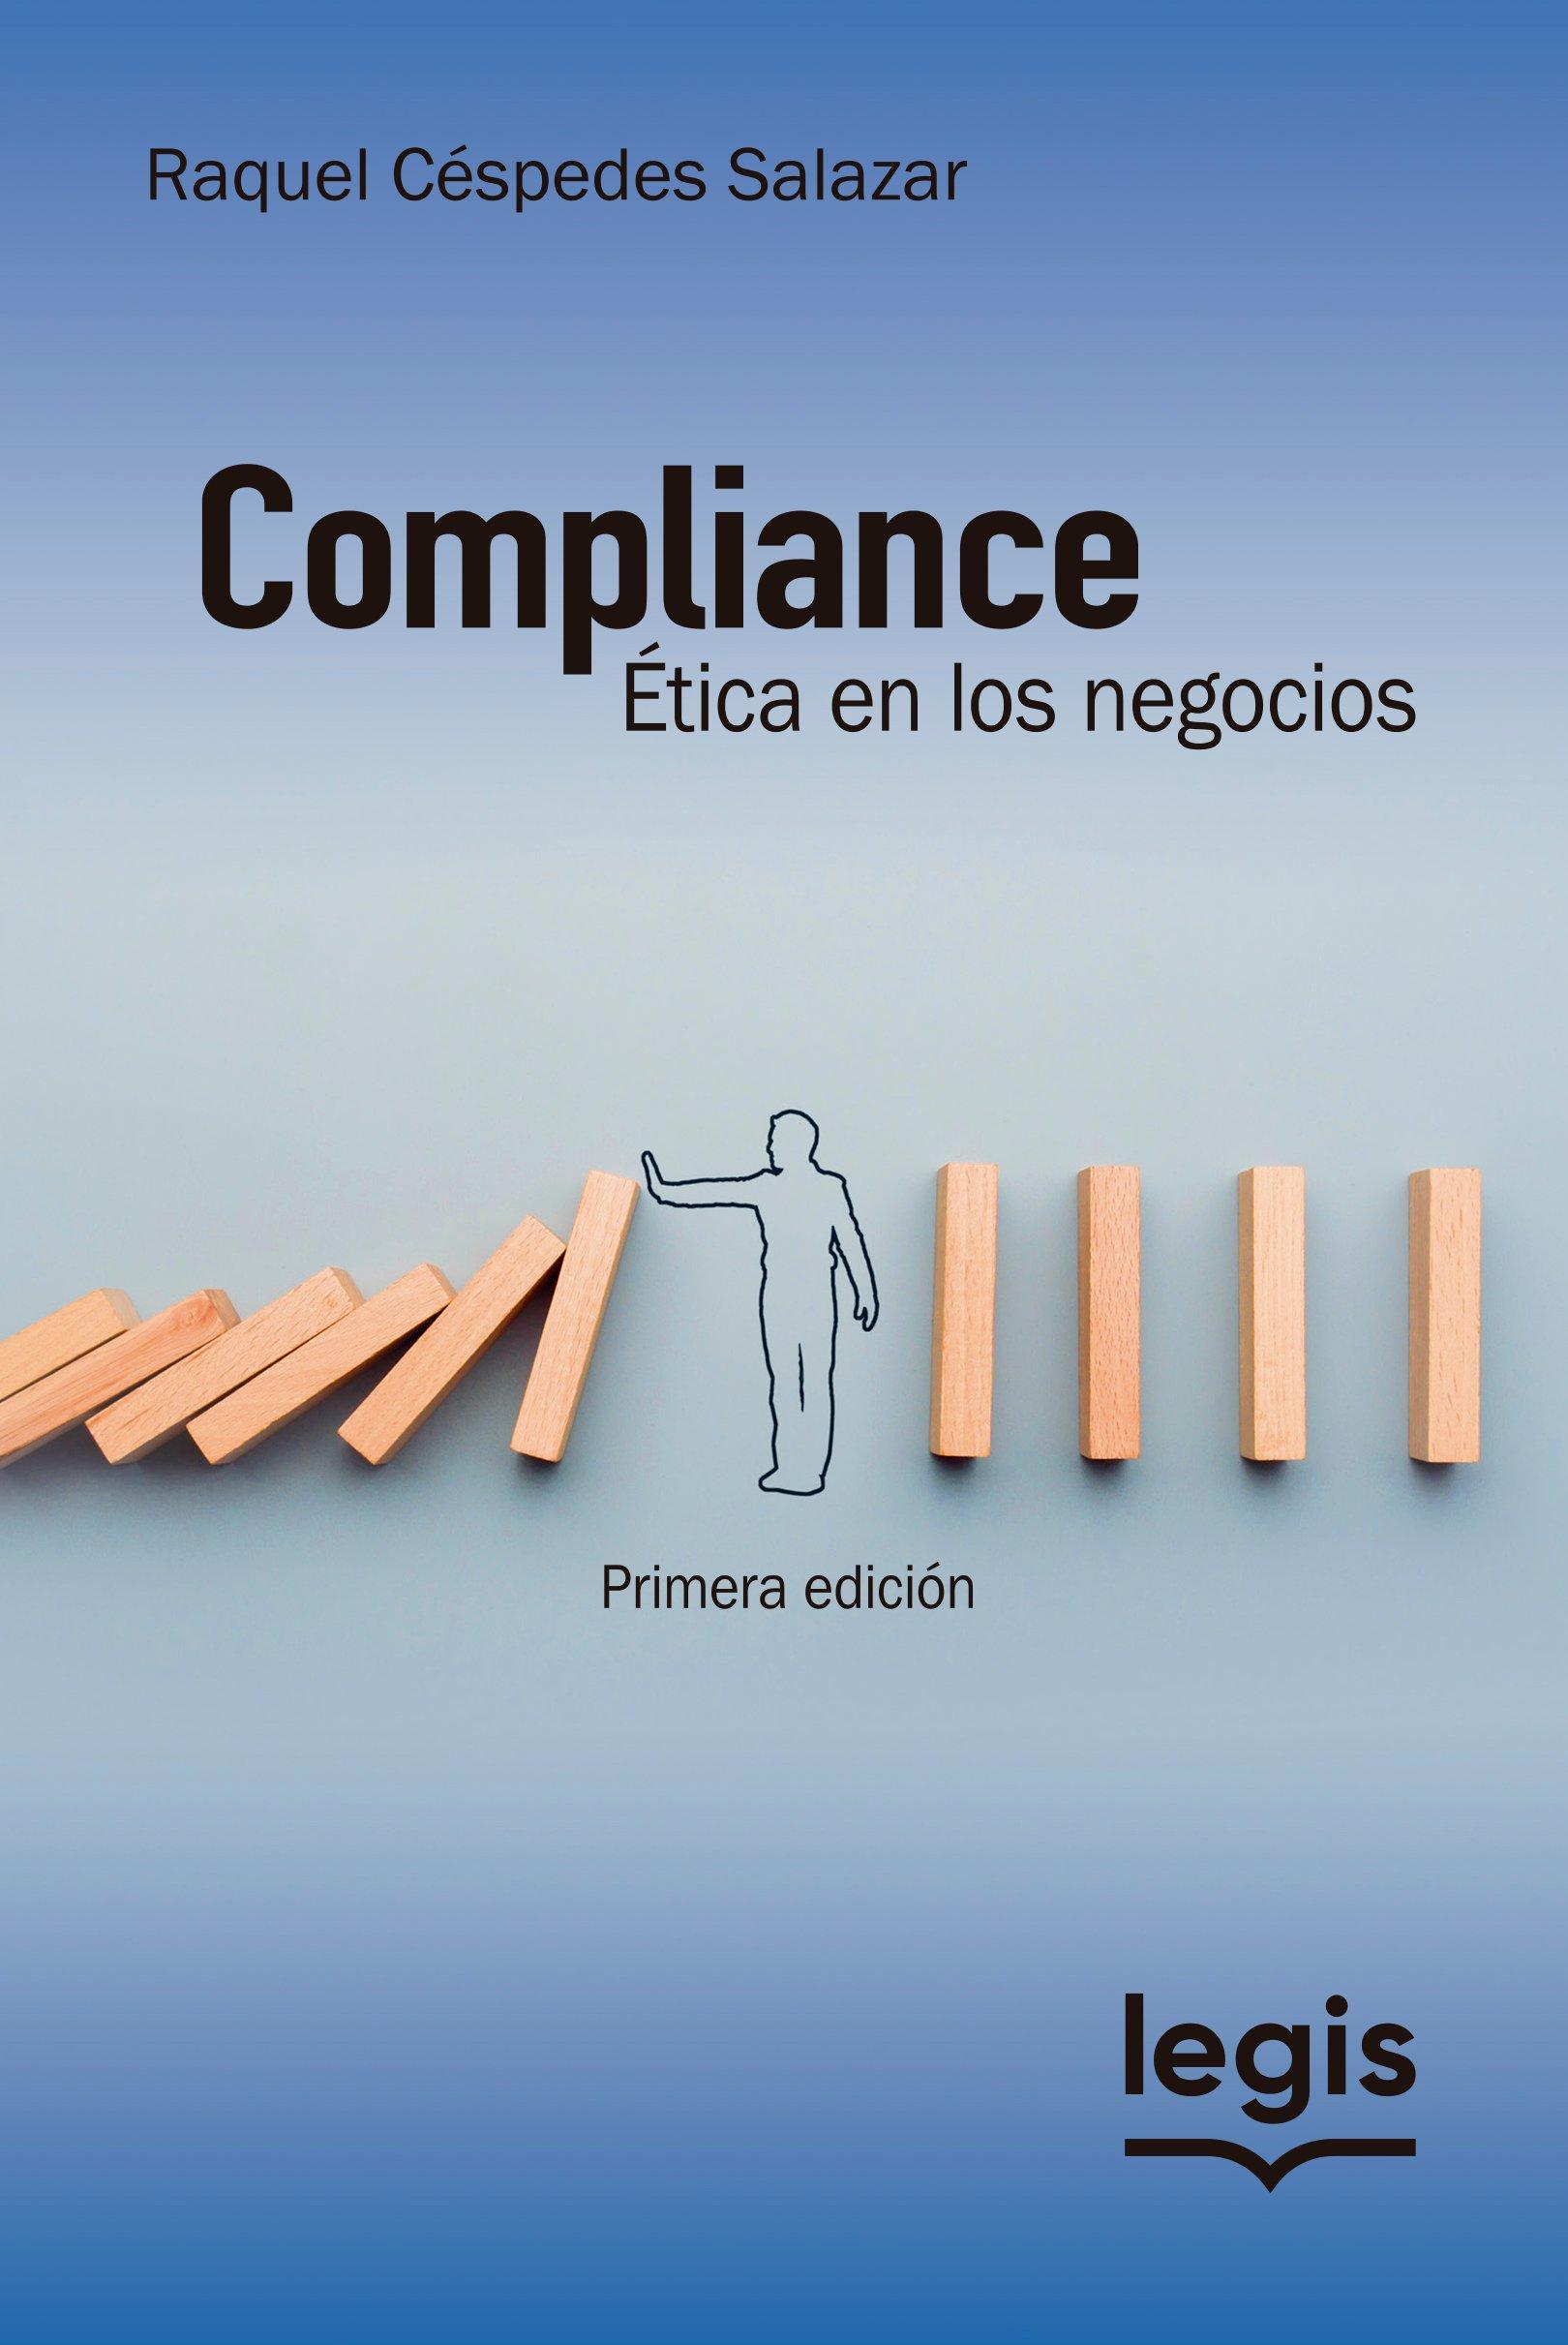 Compliance: Ética en los negocios 1a ed